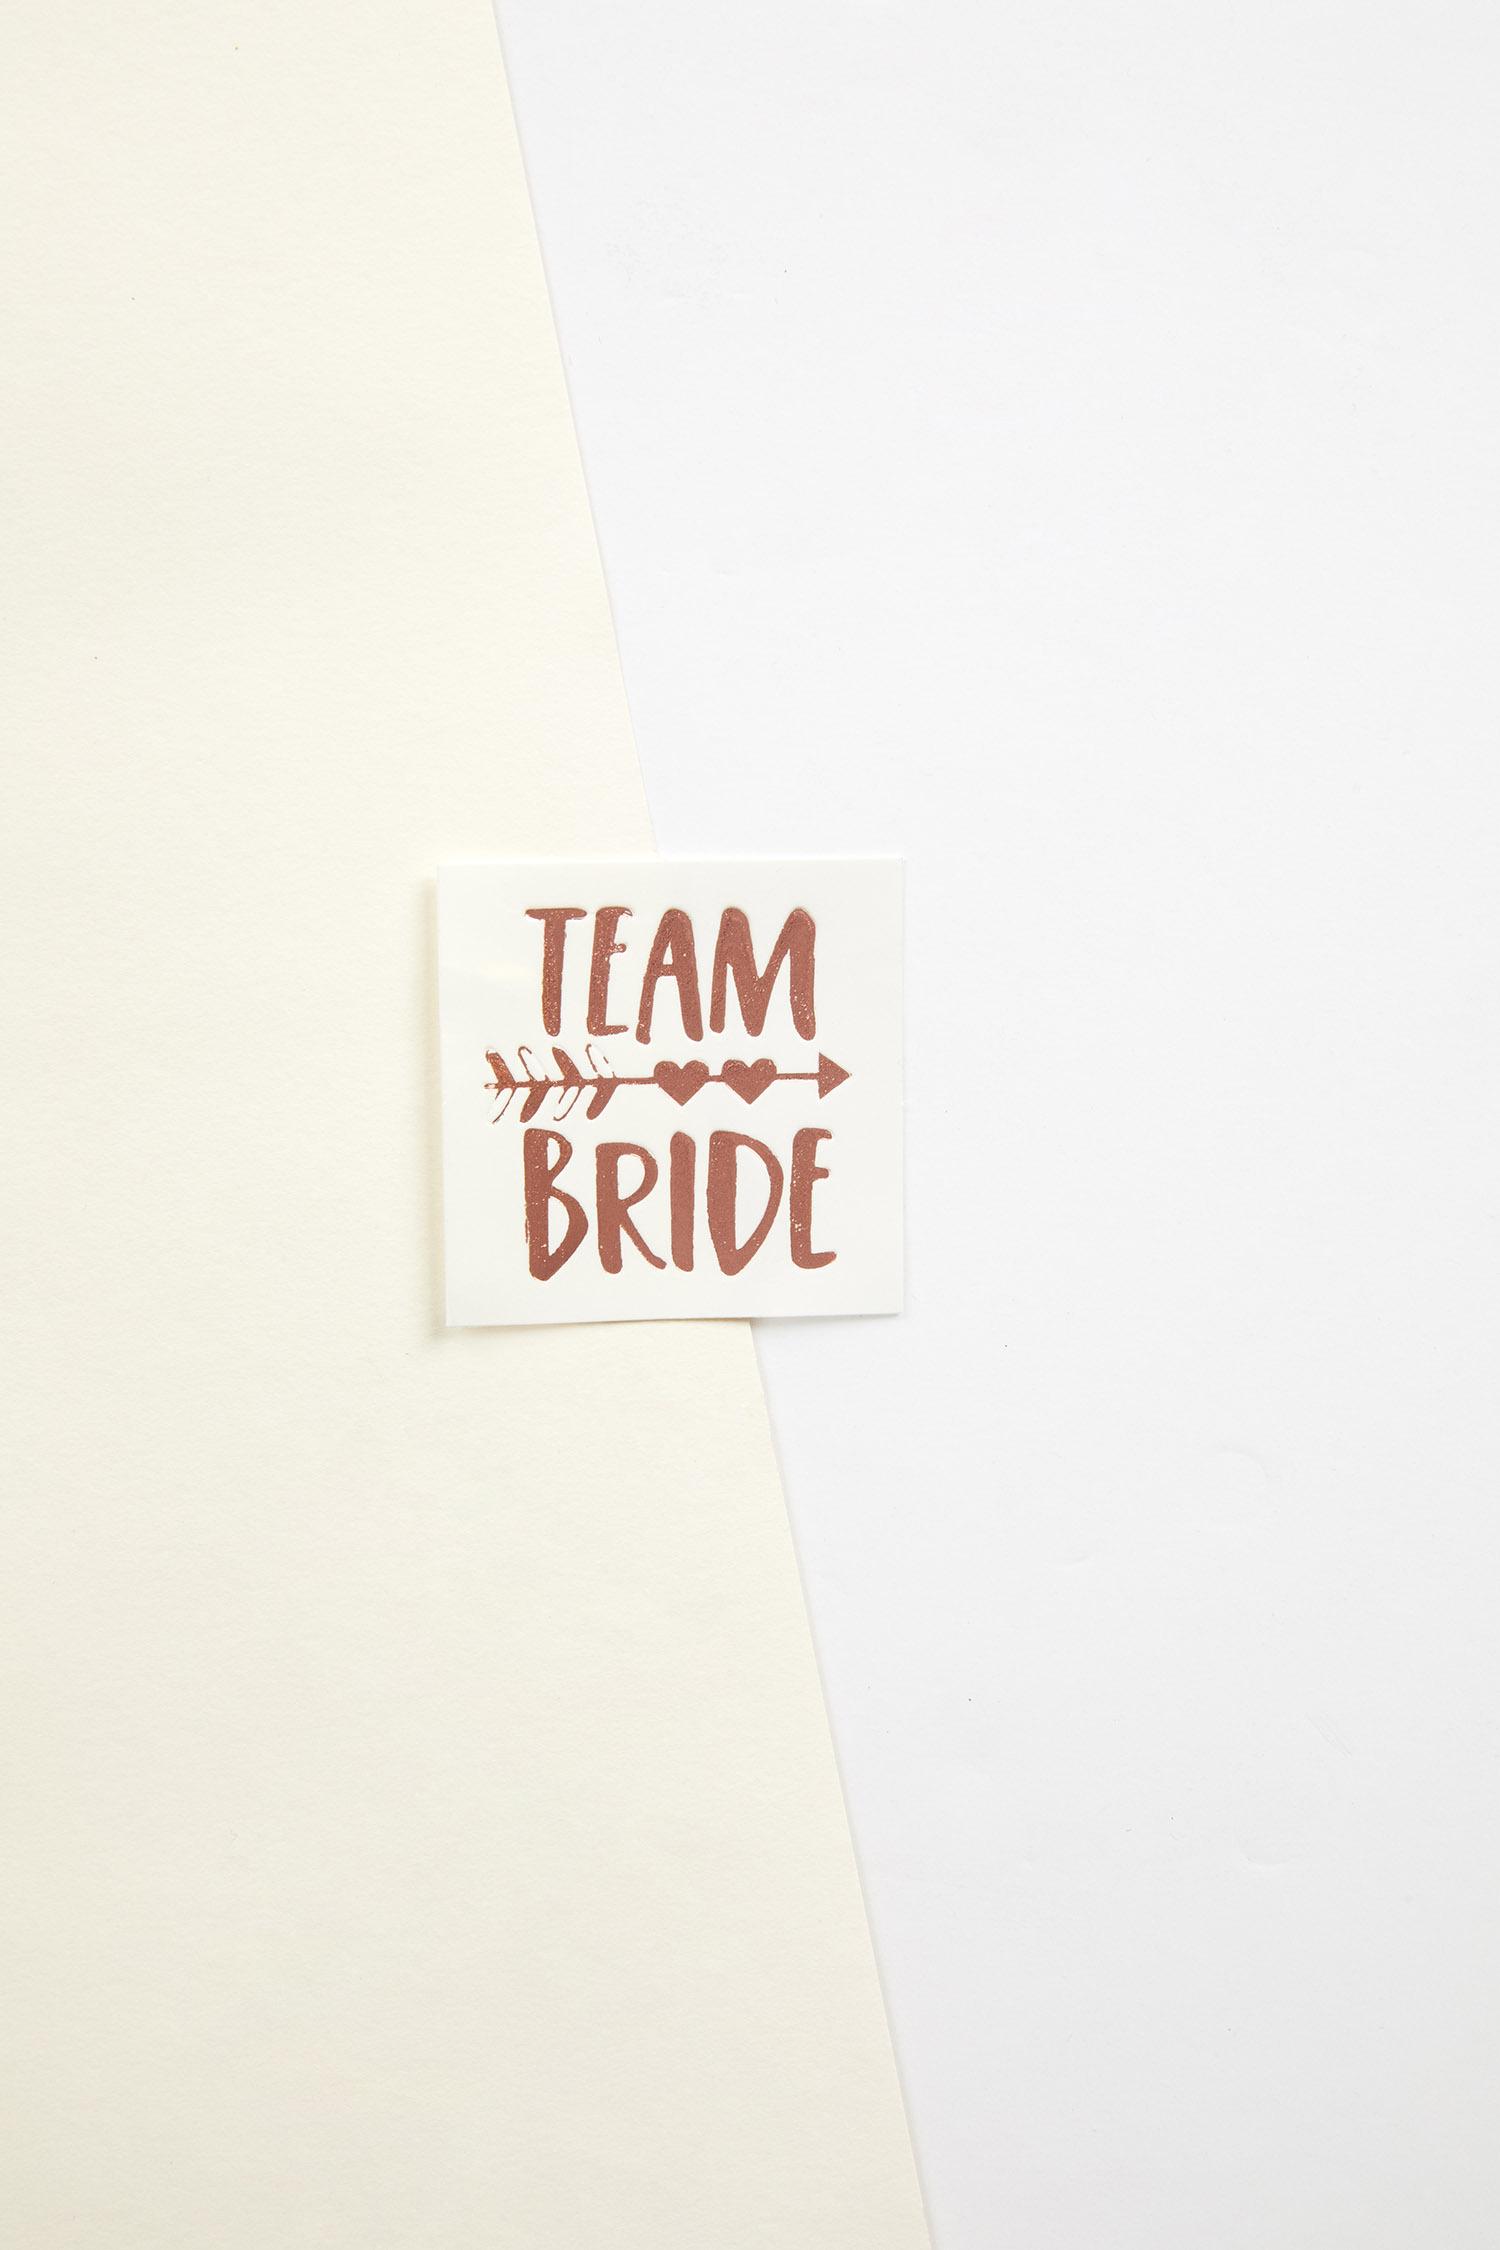 Rose Gold Yapıştırmalı Dövme Team Bride Yazılı